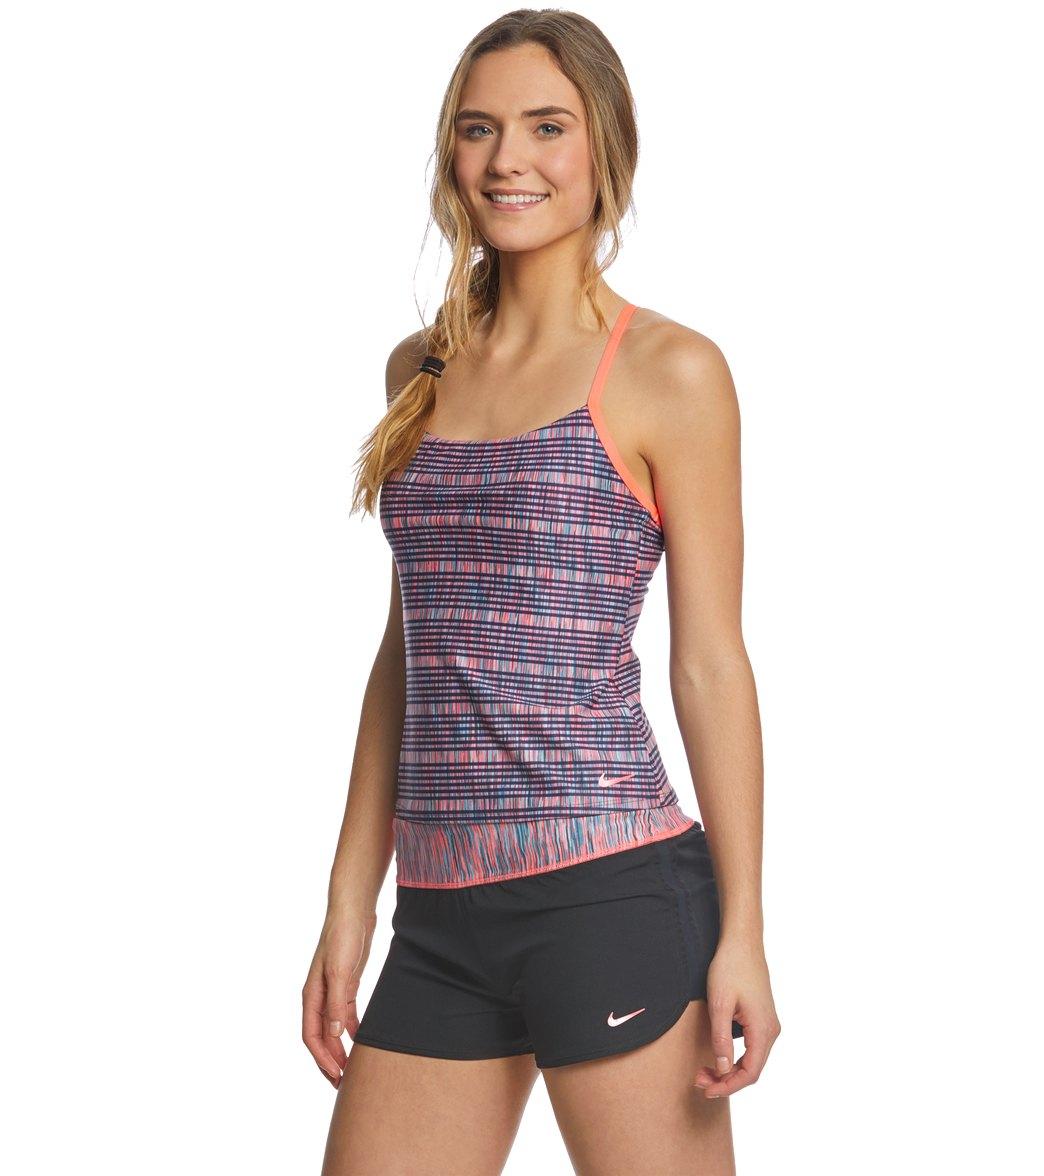 d5b47c9980e07 Nike Women's Sport Tankini Top at SwimOutlet.com - Free Shipping